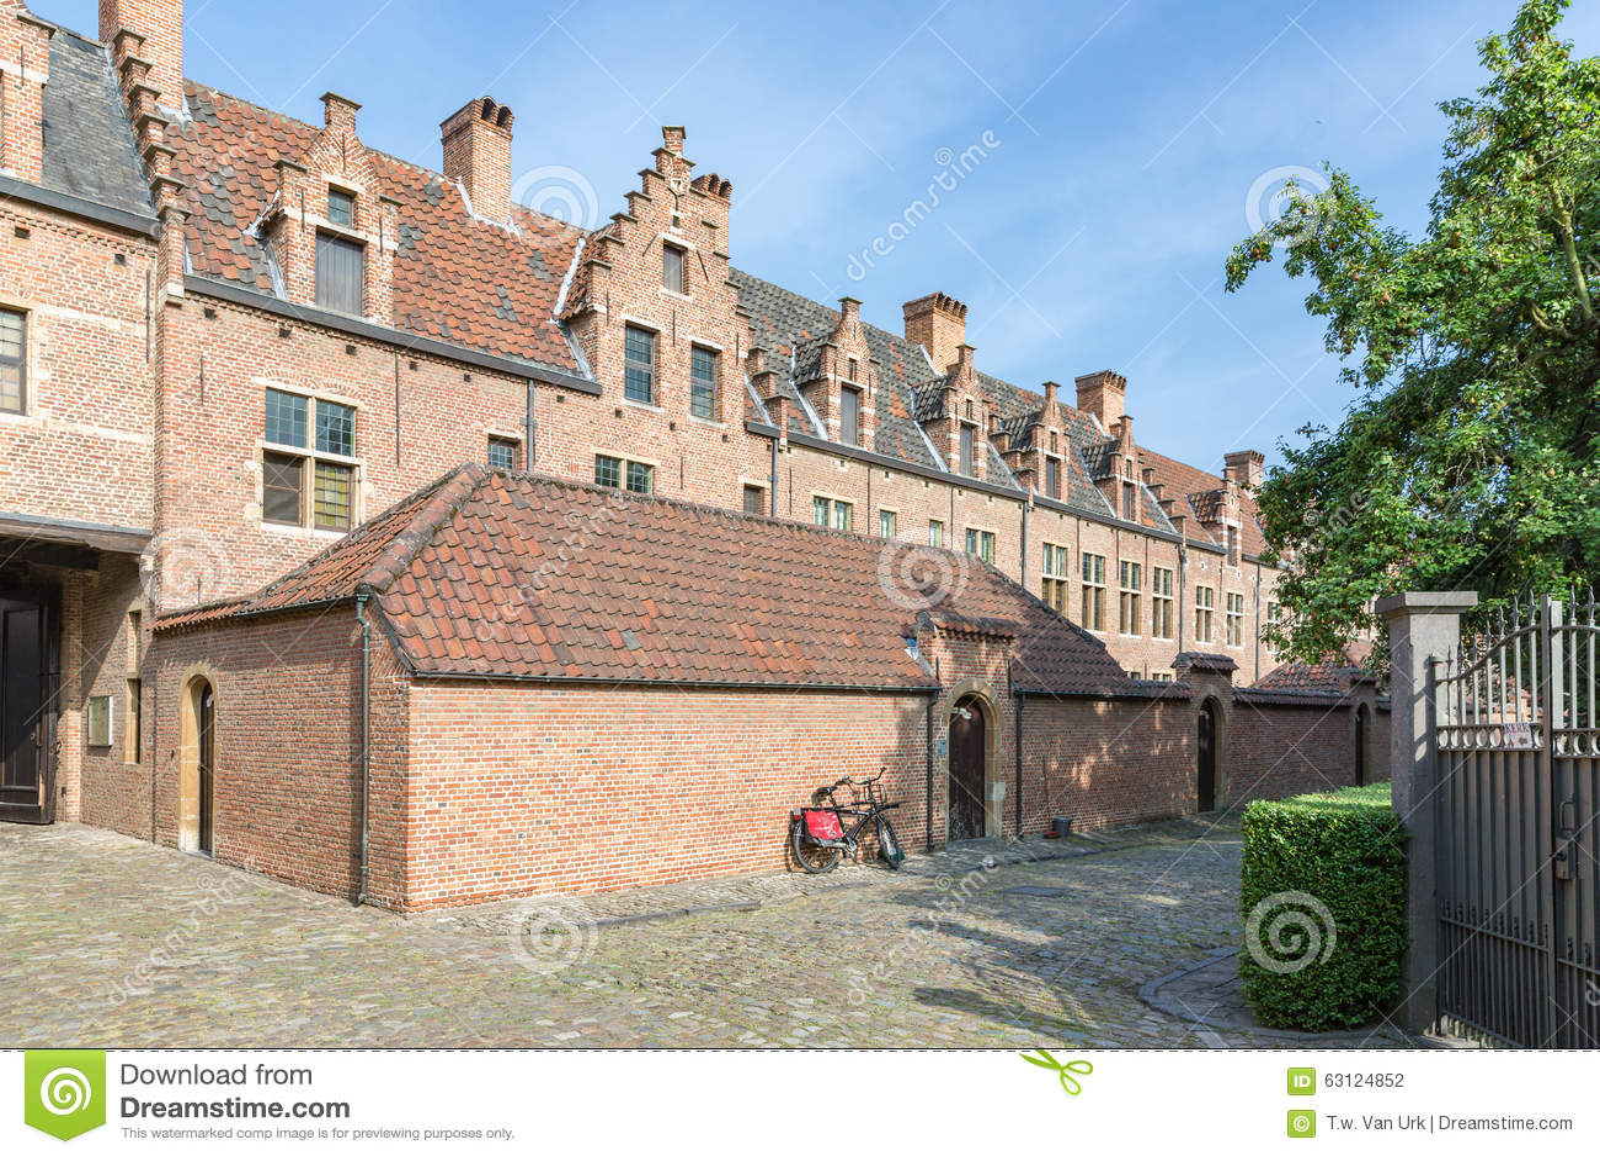 Beguinage met oude historische huizen van de binnenstad in antwerpen belgi redactionele - Huizen van de wereldbank ...